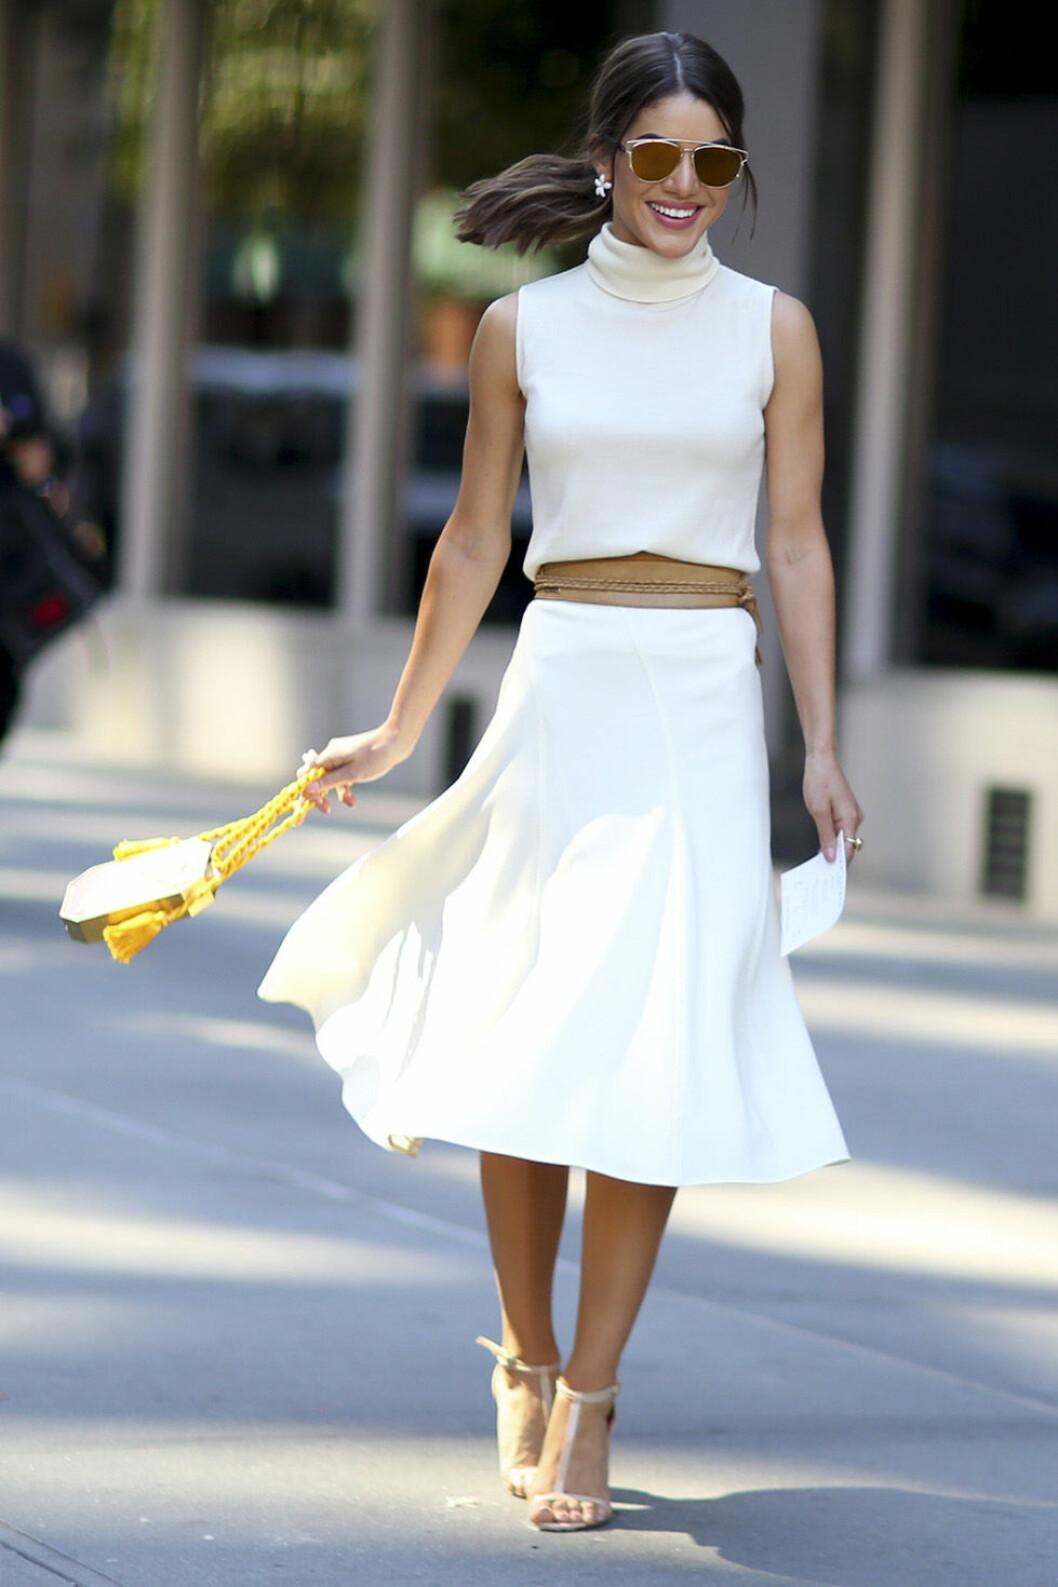 Vitt linne och kjol.